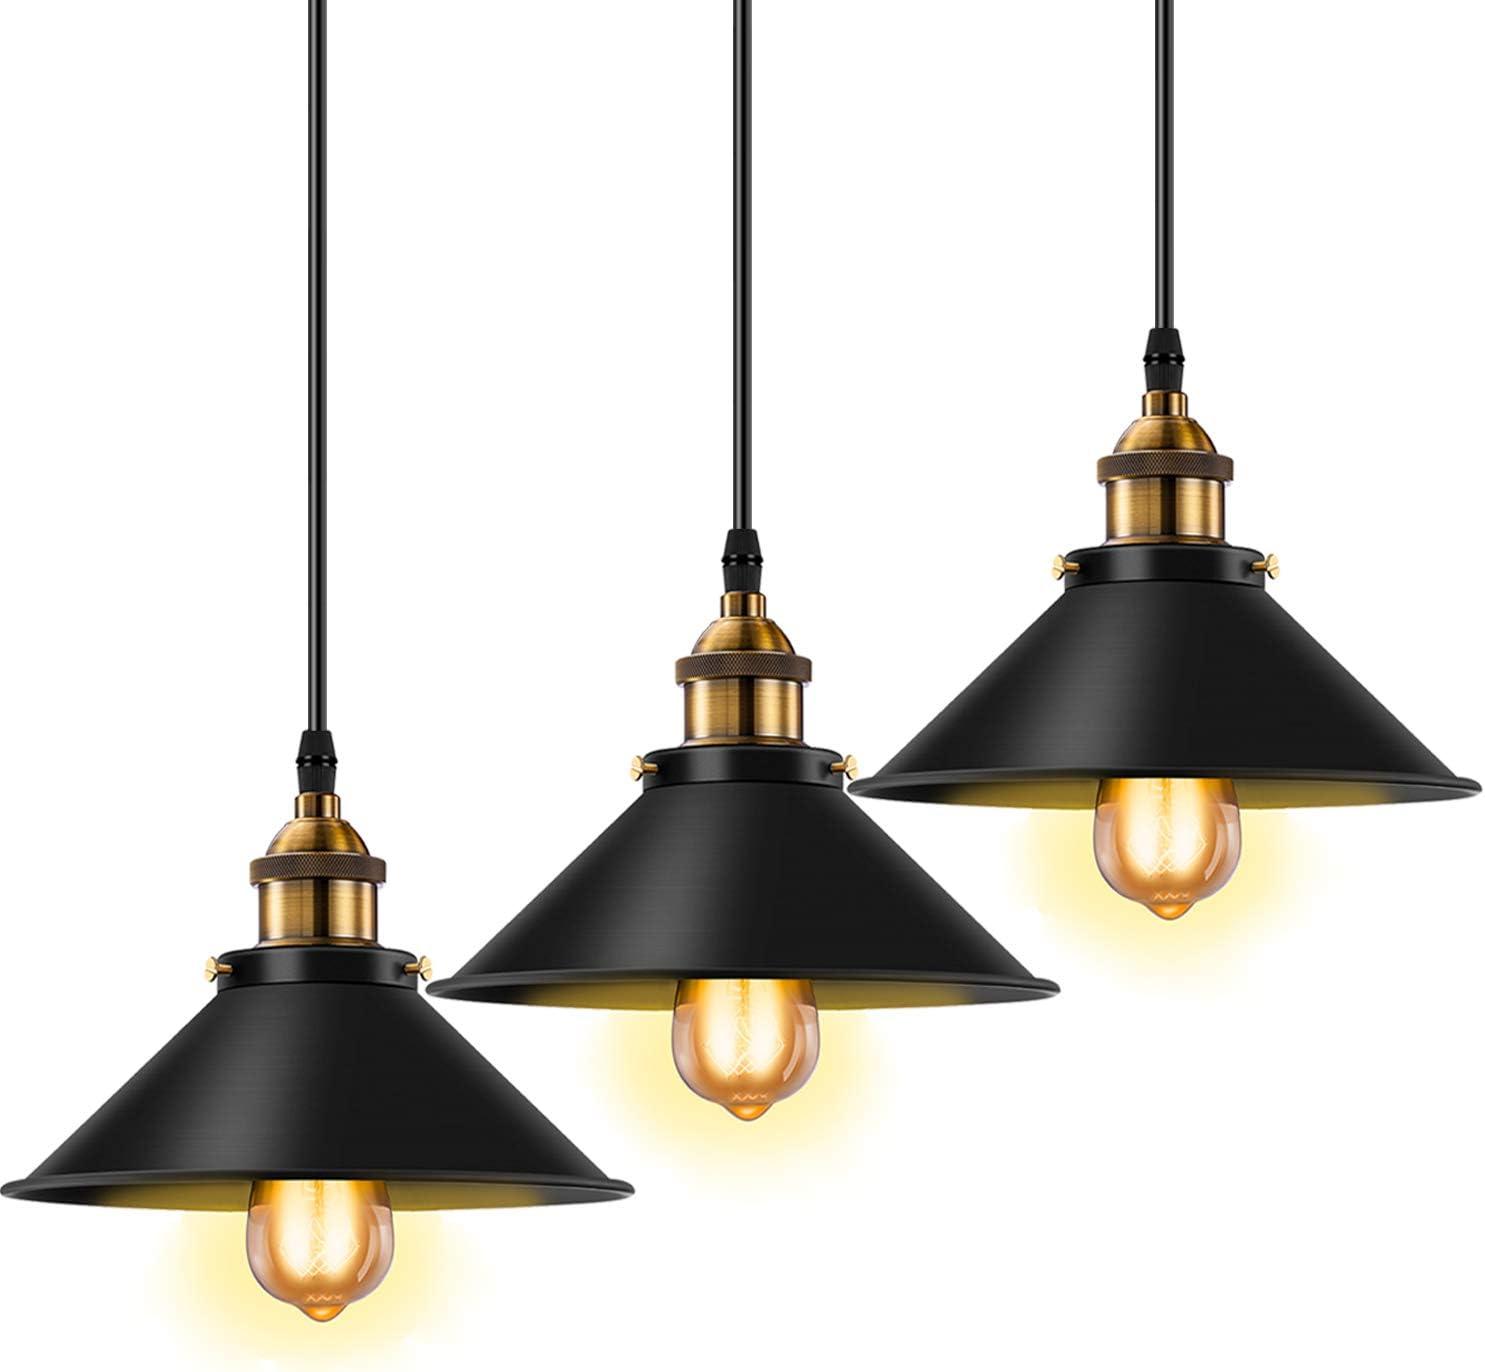 Licperron Industrial Pendant Light E26 E27 Base Vintage Hanging Pendant Lights Retro Pendant Light Fixture Home Kitchen Lighting 3 Pack